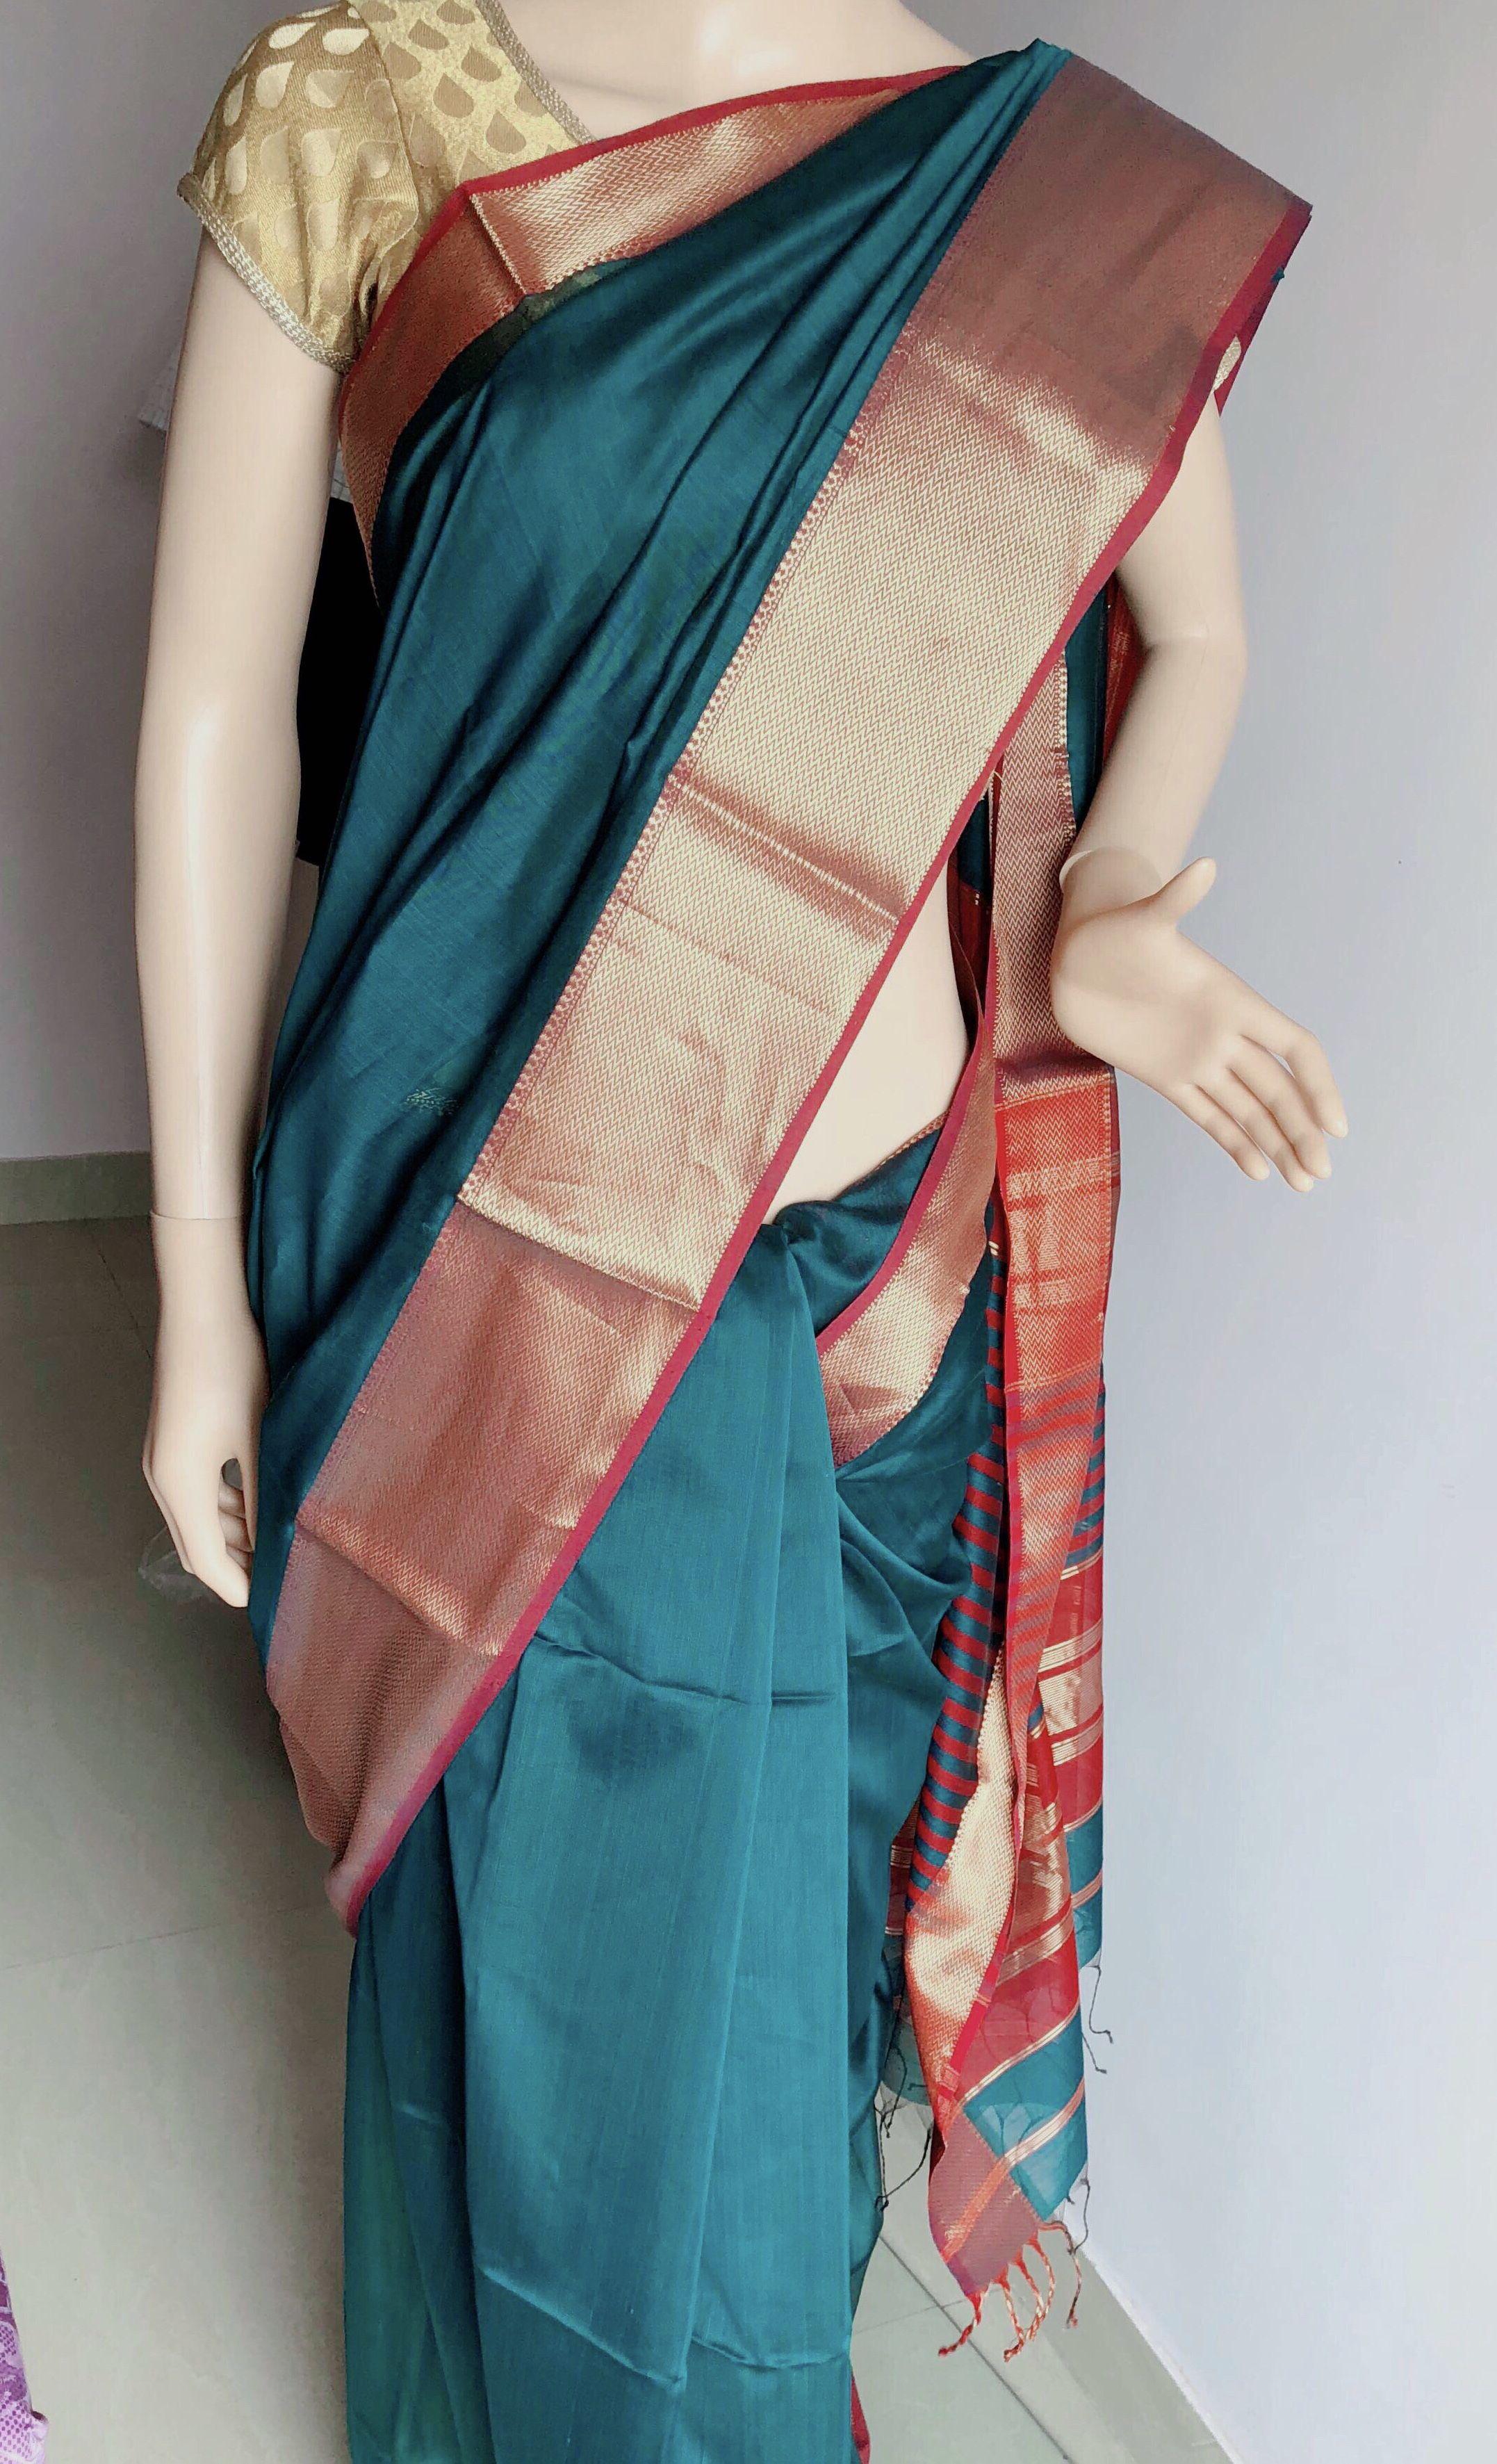 Yeola paithani saree images pin by preksha pujara on silk sarees  pinterest  saree green